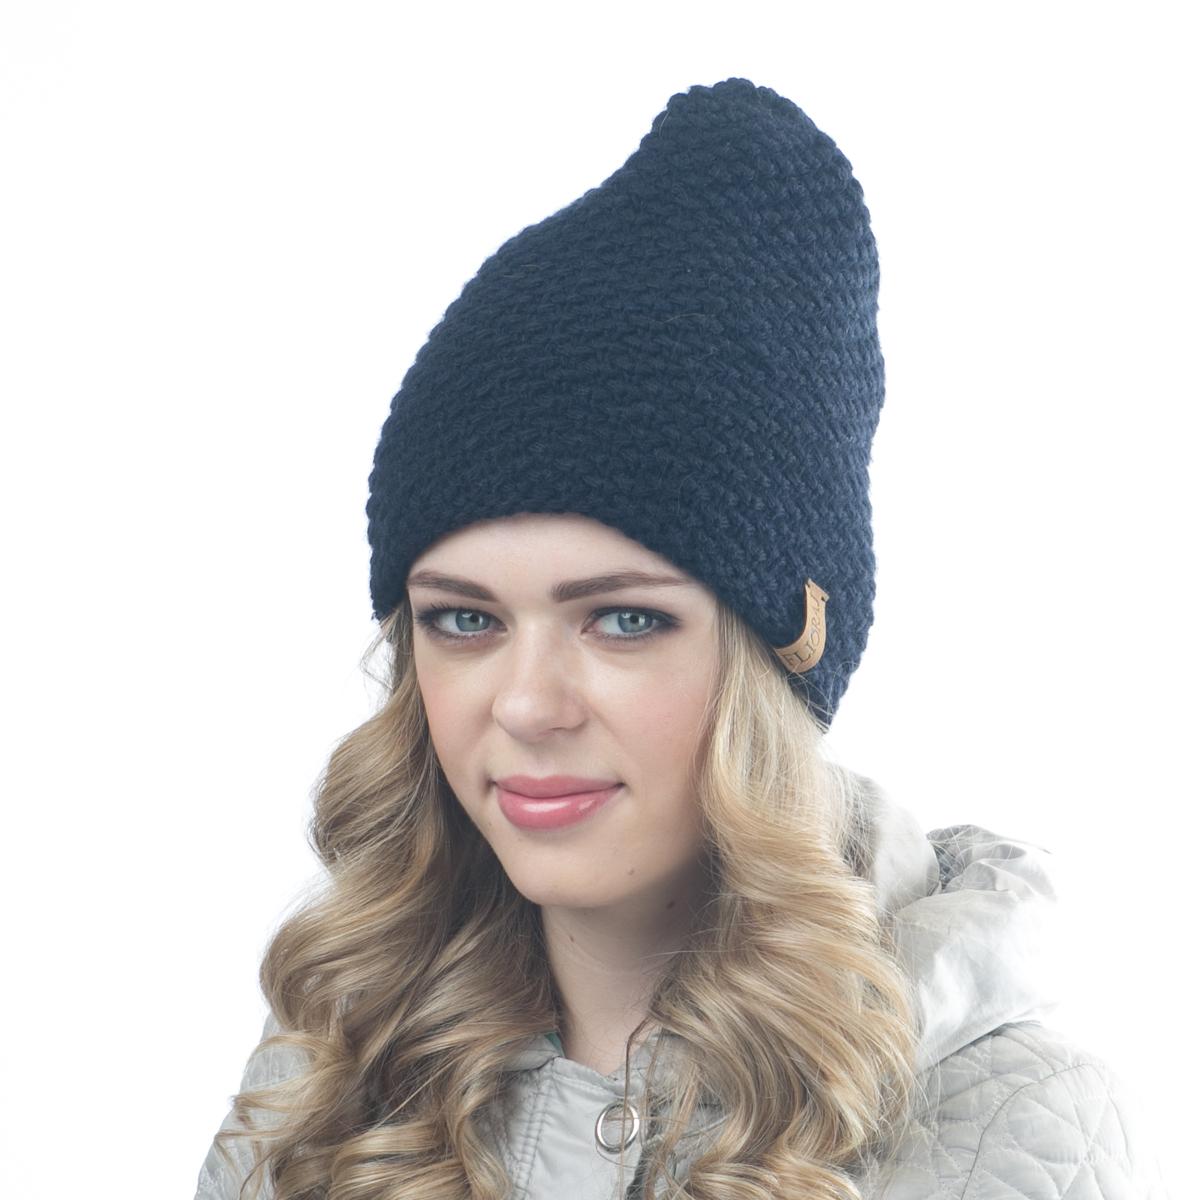 Шапка05FJТеплая двойная шапка Flioraj выполнена из овечьей шерсти и шерсти горной альпаки с добавлением нейлона, полиамида и вискозы. Модель имеет крупную плотную вязку, оформлена оригинальным вязаным рисунком и декорирована фирменным кожаным логотипом. Уважаемые клиенты! Размер, доступный для заказа, является обхватом головы.